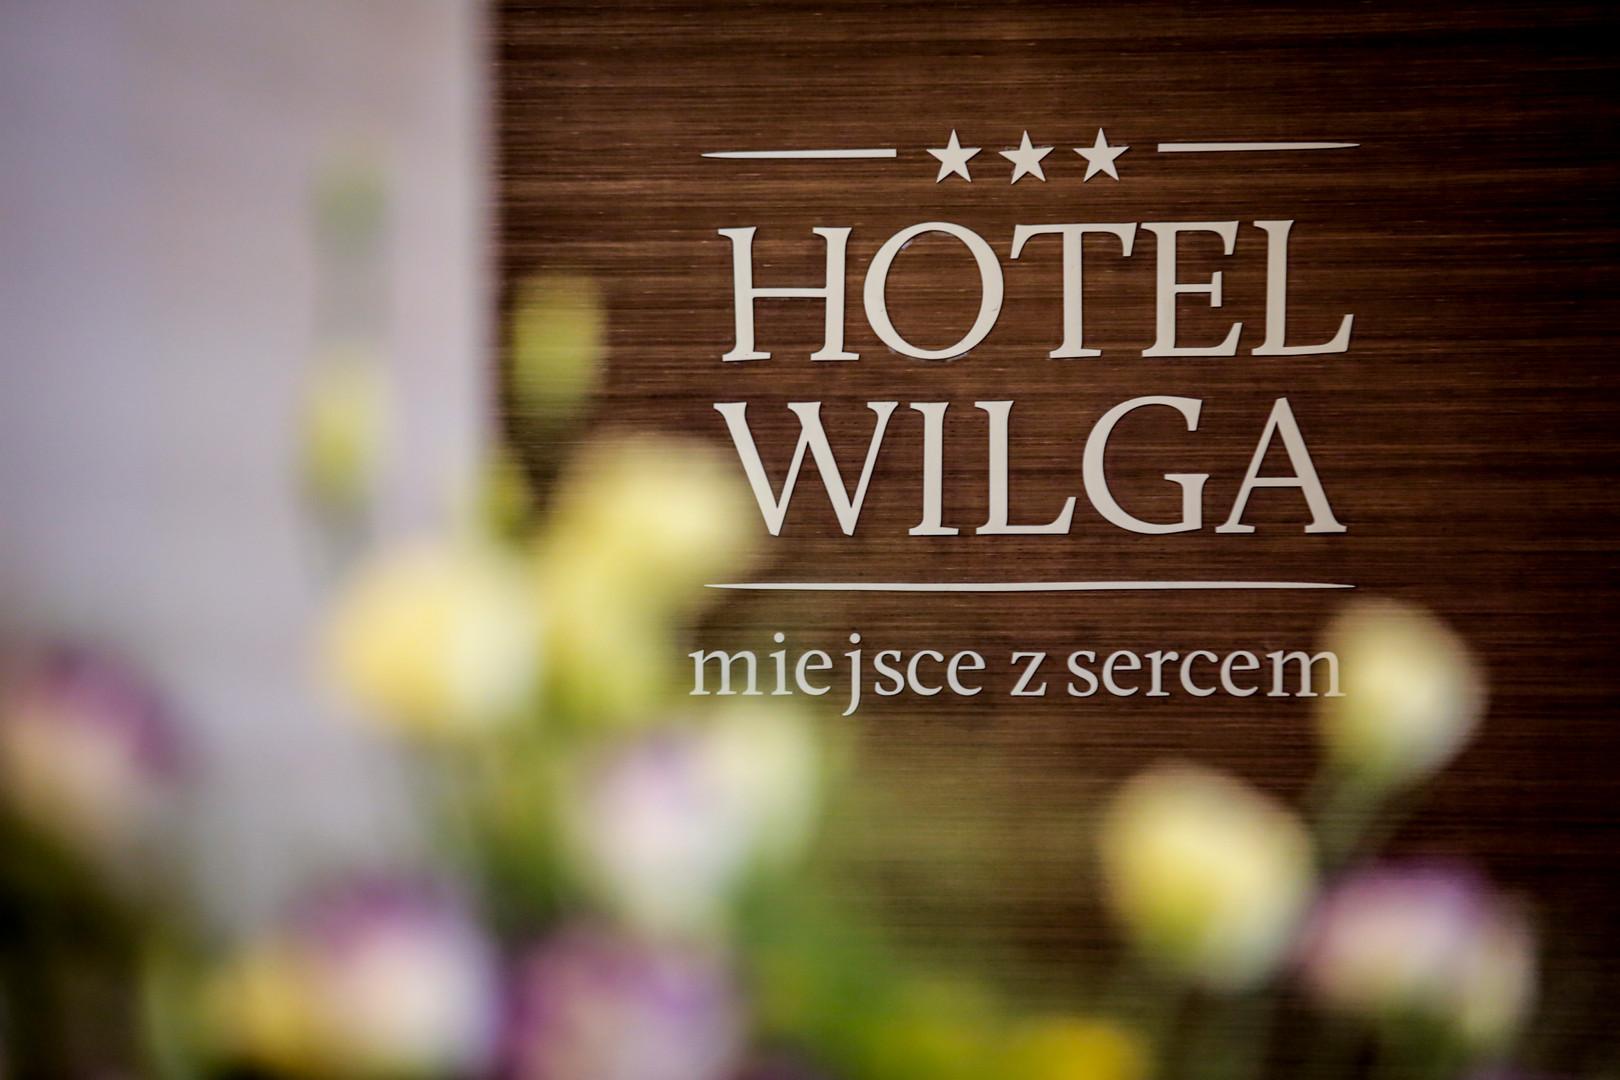 hotel_wilga1.jpg